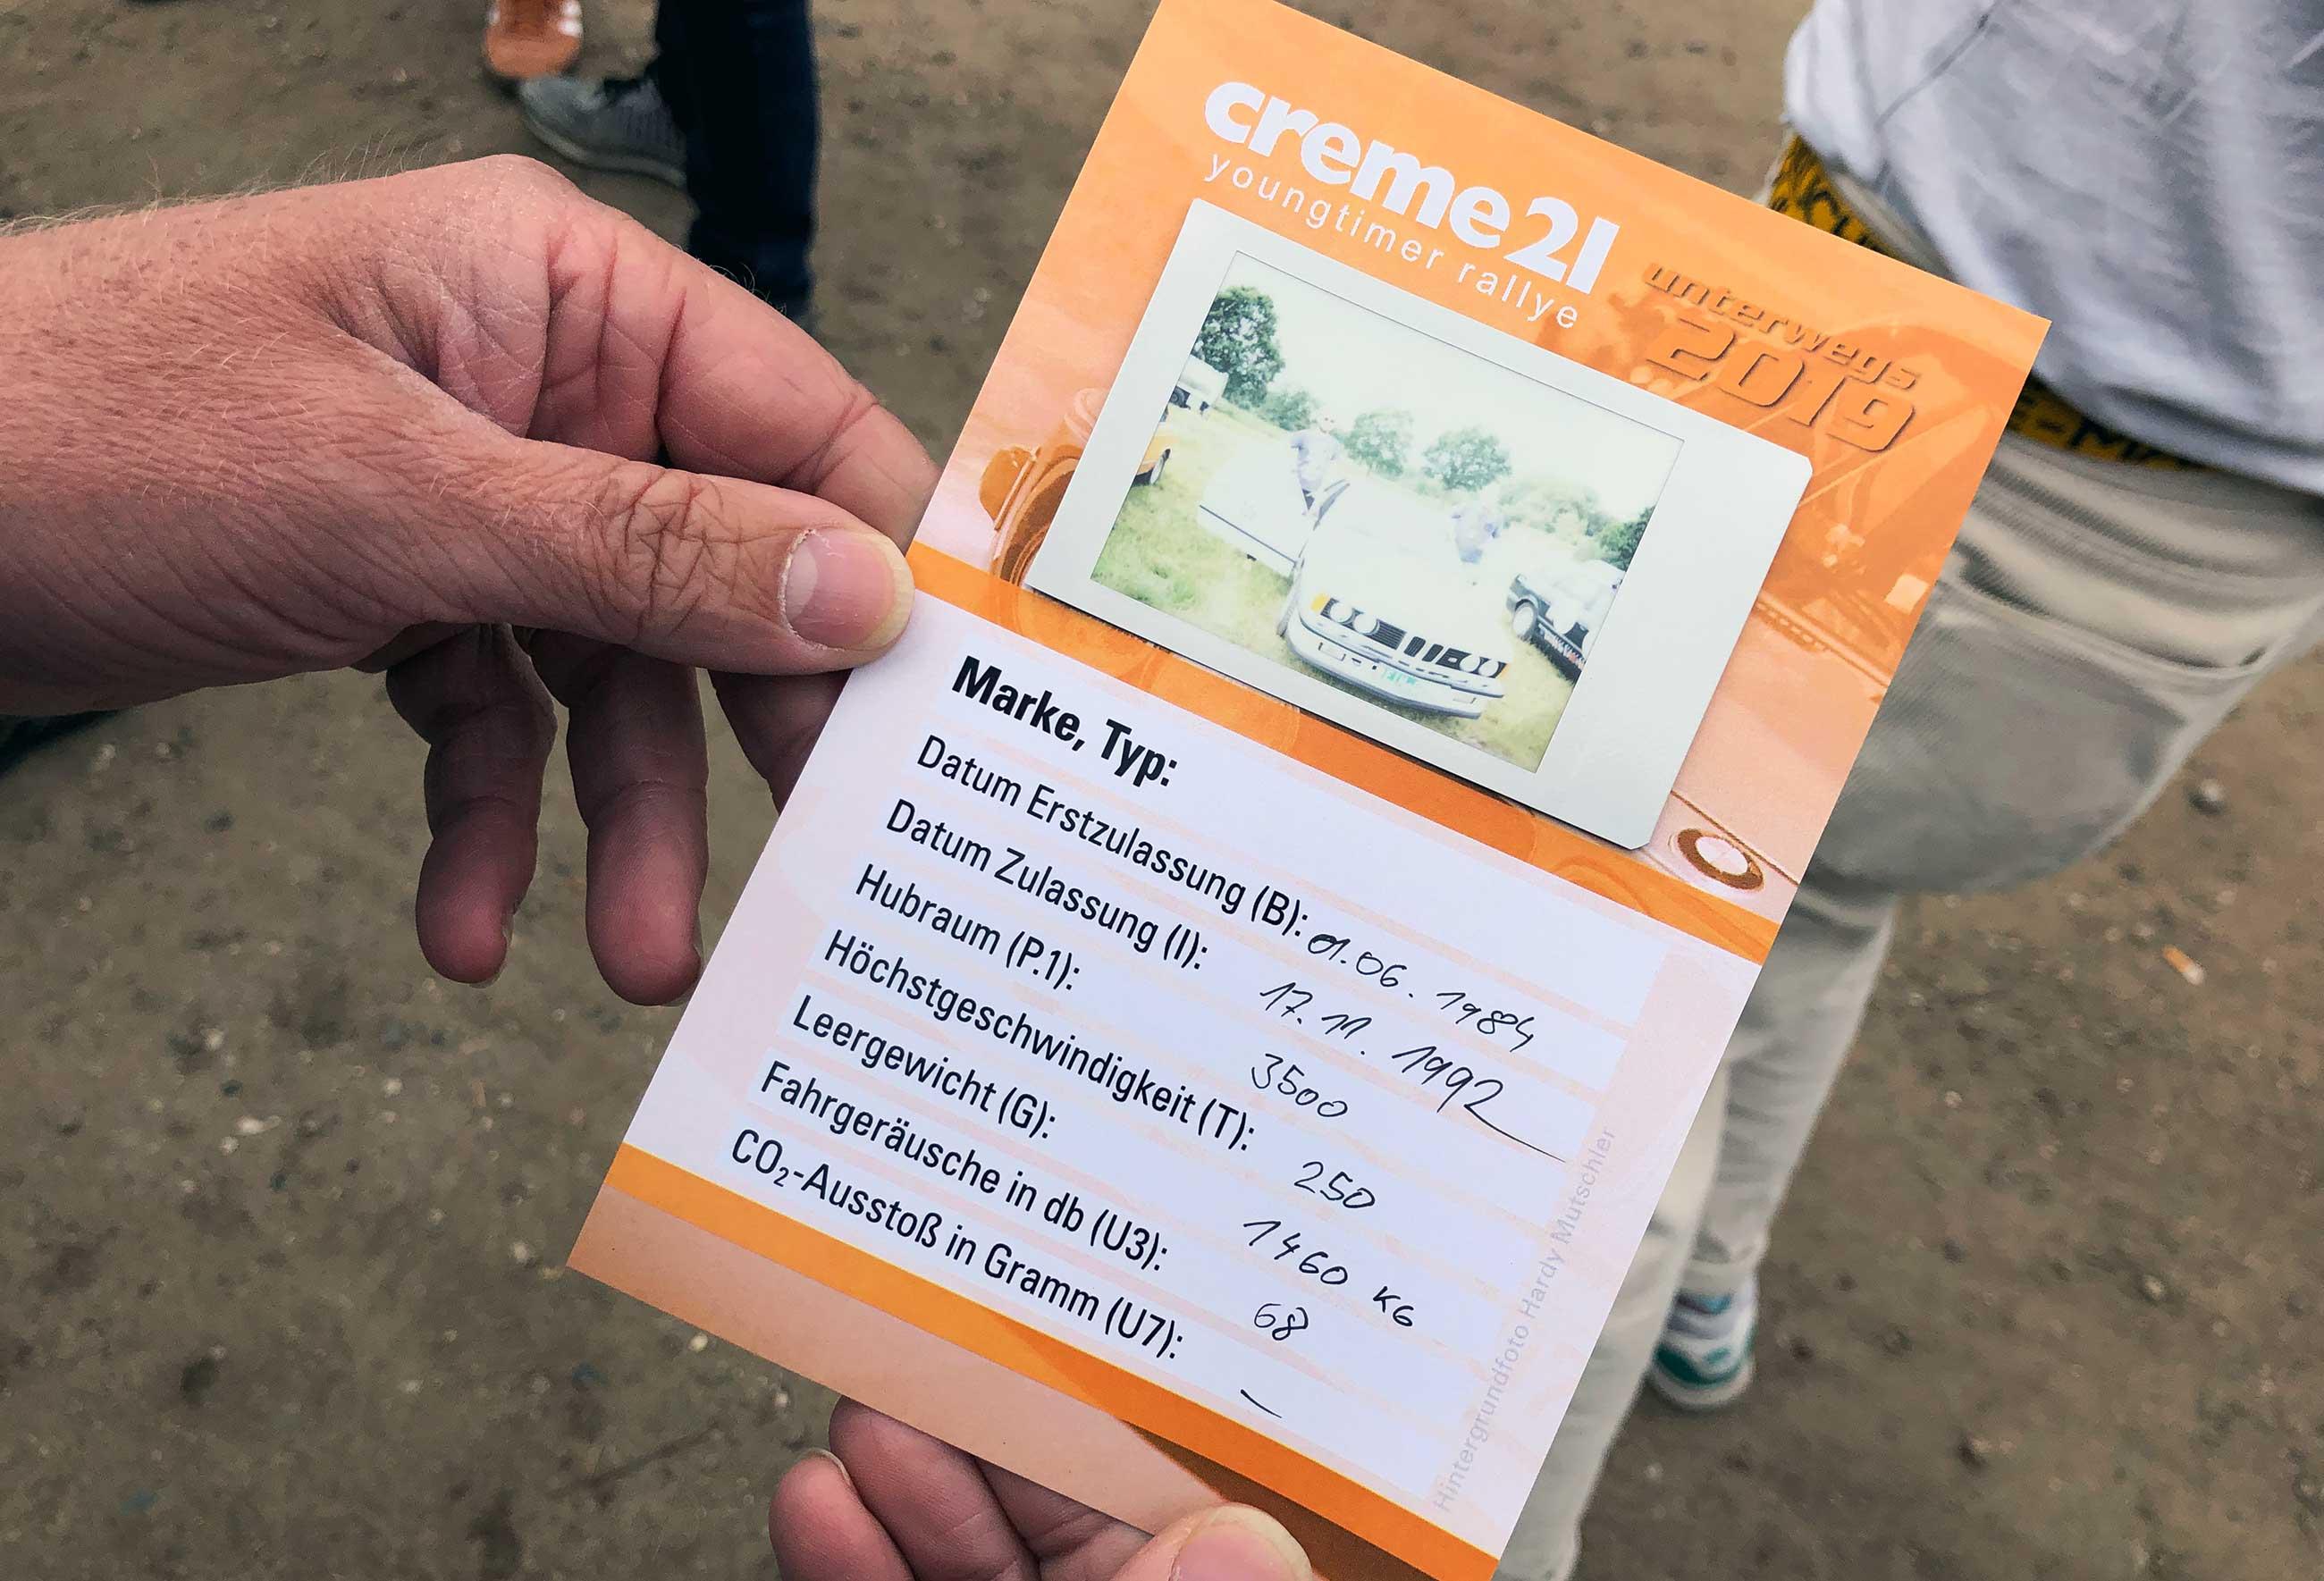 Bericht: Meine Teilnahme an der Creme 21 Youngtimer Rallye 2019 Creme-21-Youngtimer-Rallye-2019_Nachbericht_22